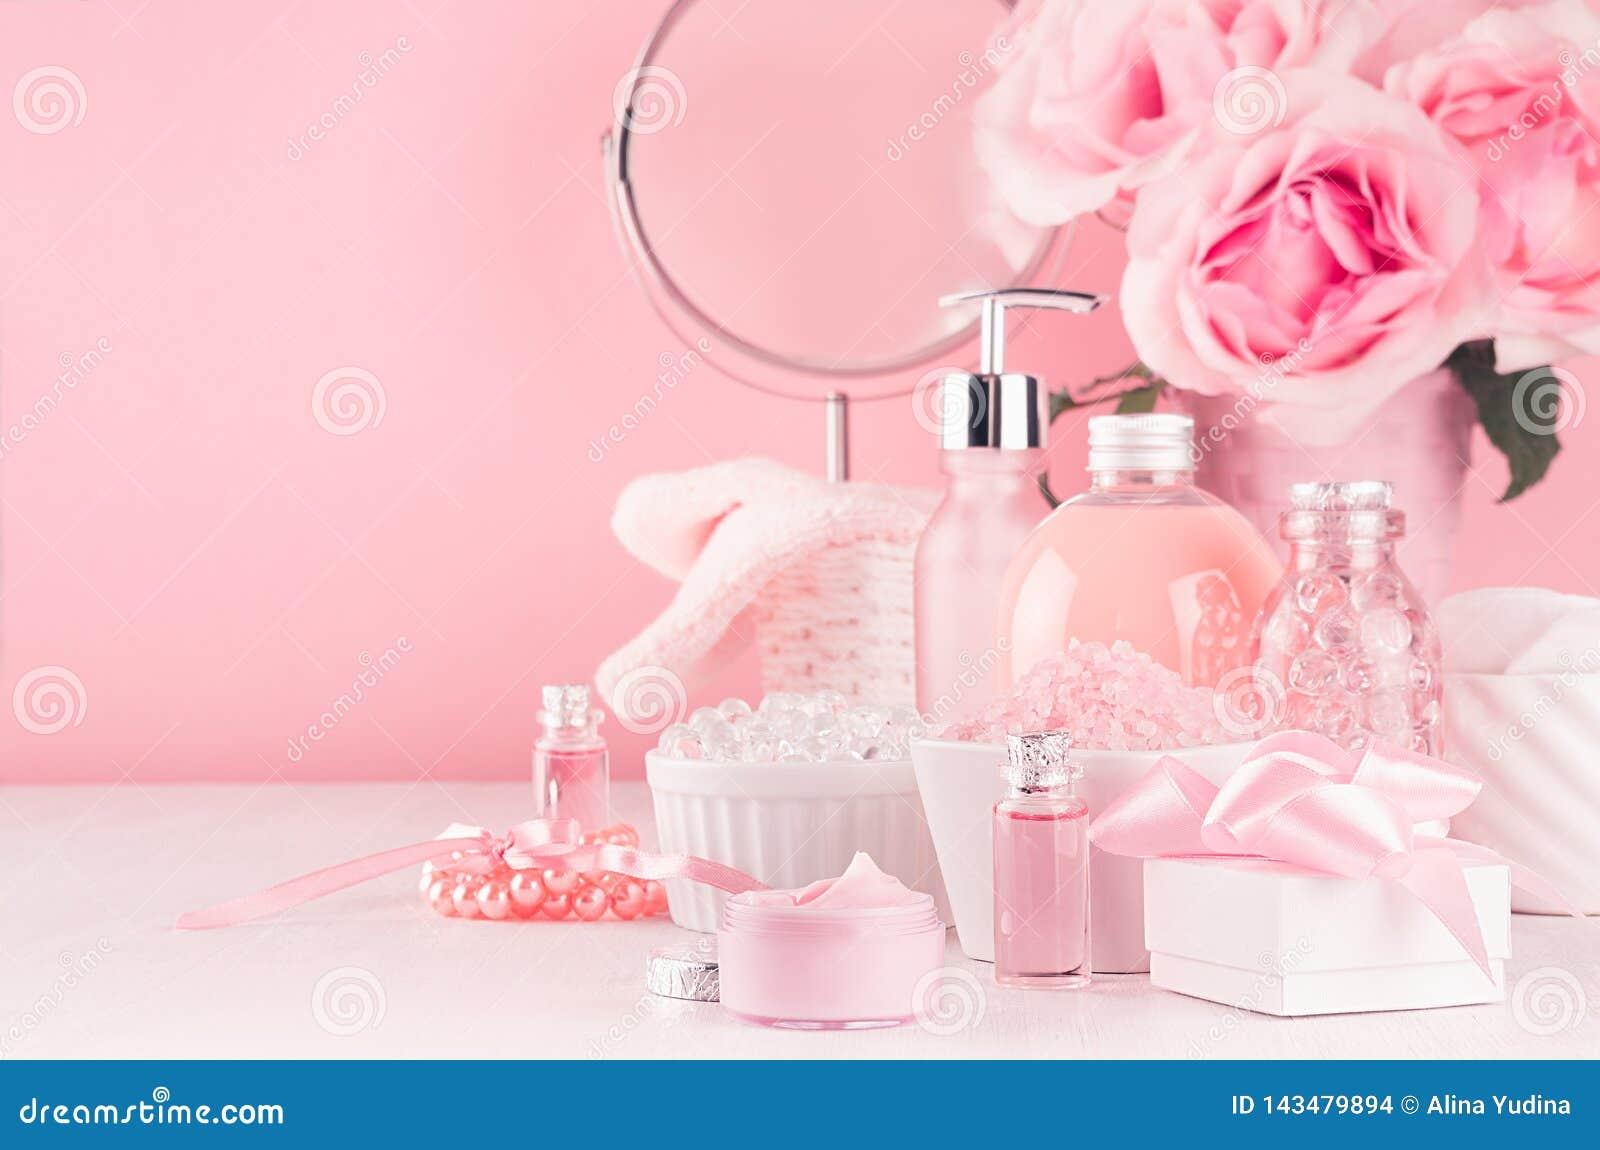 Den försiktiga flickaktiga klä tabellen med runda spegel-, blomma- och skönhetsmedelprodukter - steg olja, bad saltar, kräm, doft